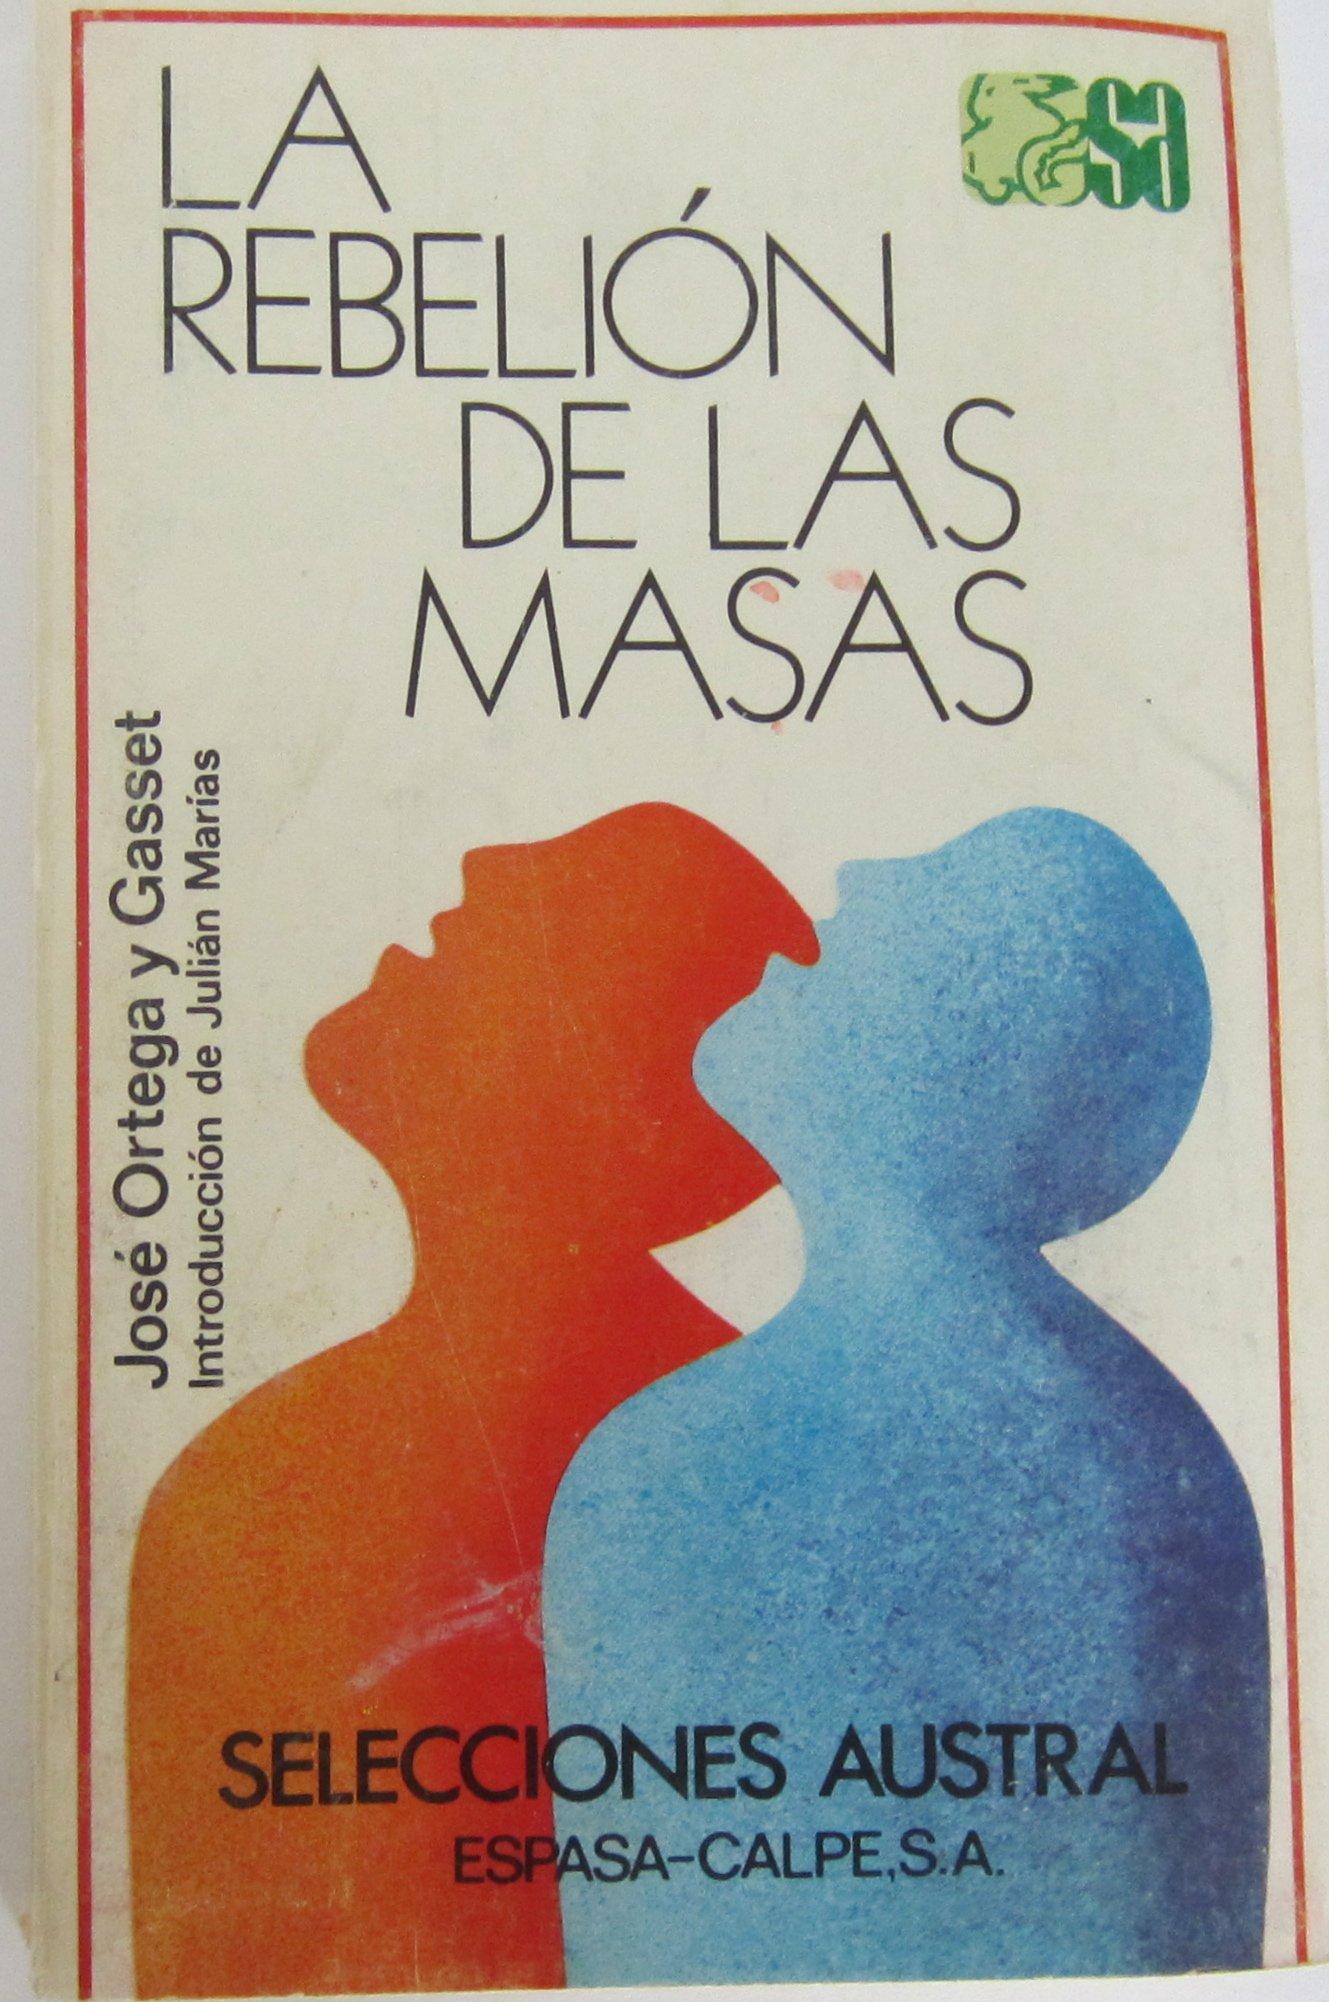 La rebelion de las masas: Amazon.es: Ortega Y Gasset, Jose: Libros